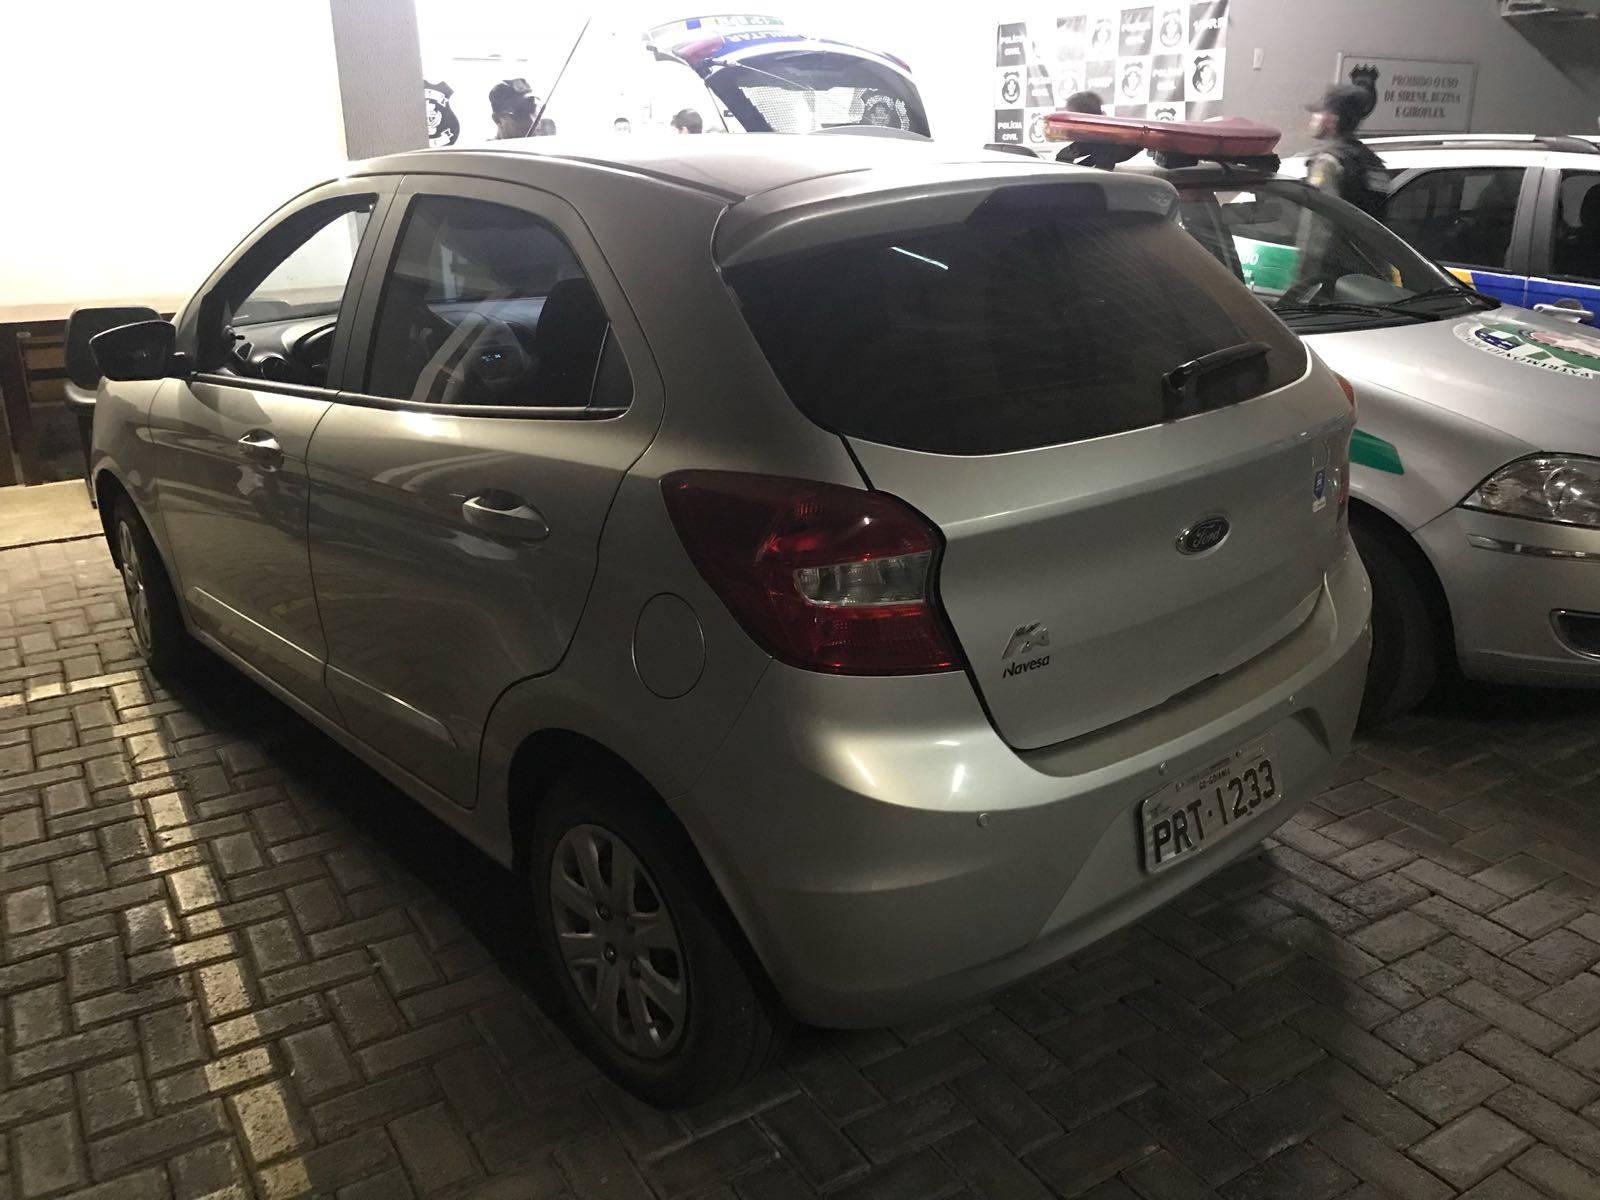 Ford Ka roubado, com placa clonada, usado pelo trio em diversos crimes | Foto: divulgação